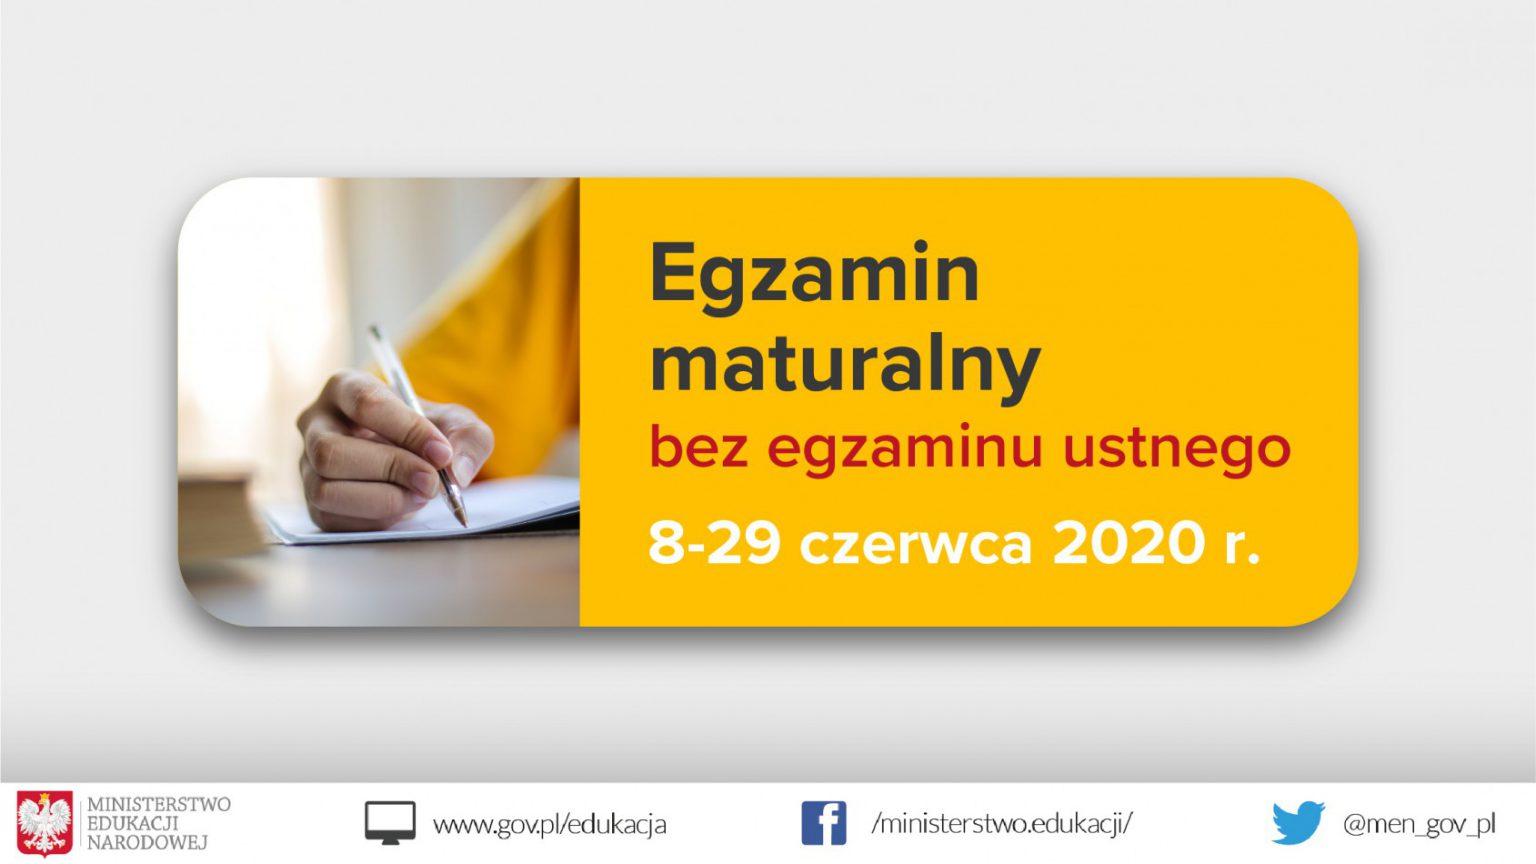 Egzamin-maturalny-1536x864